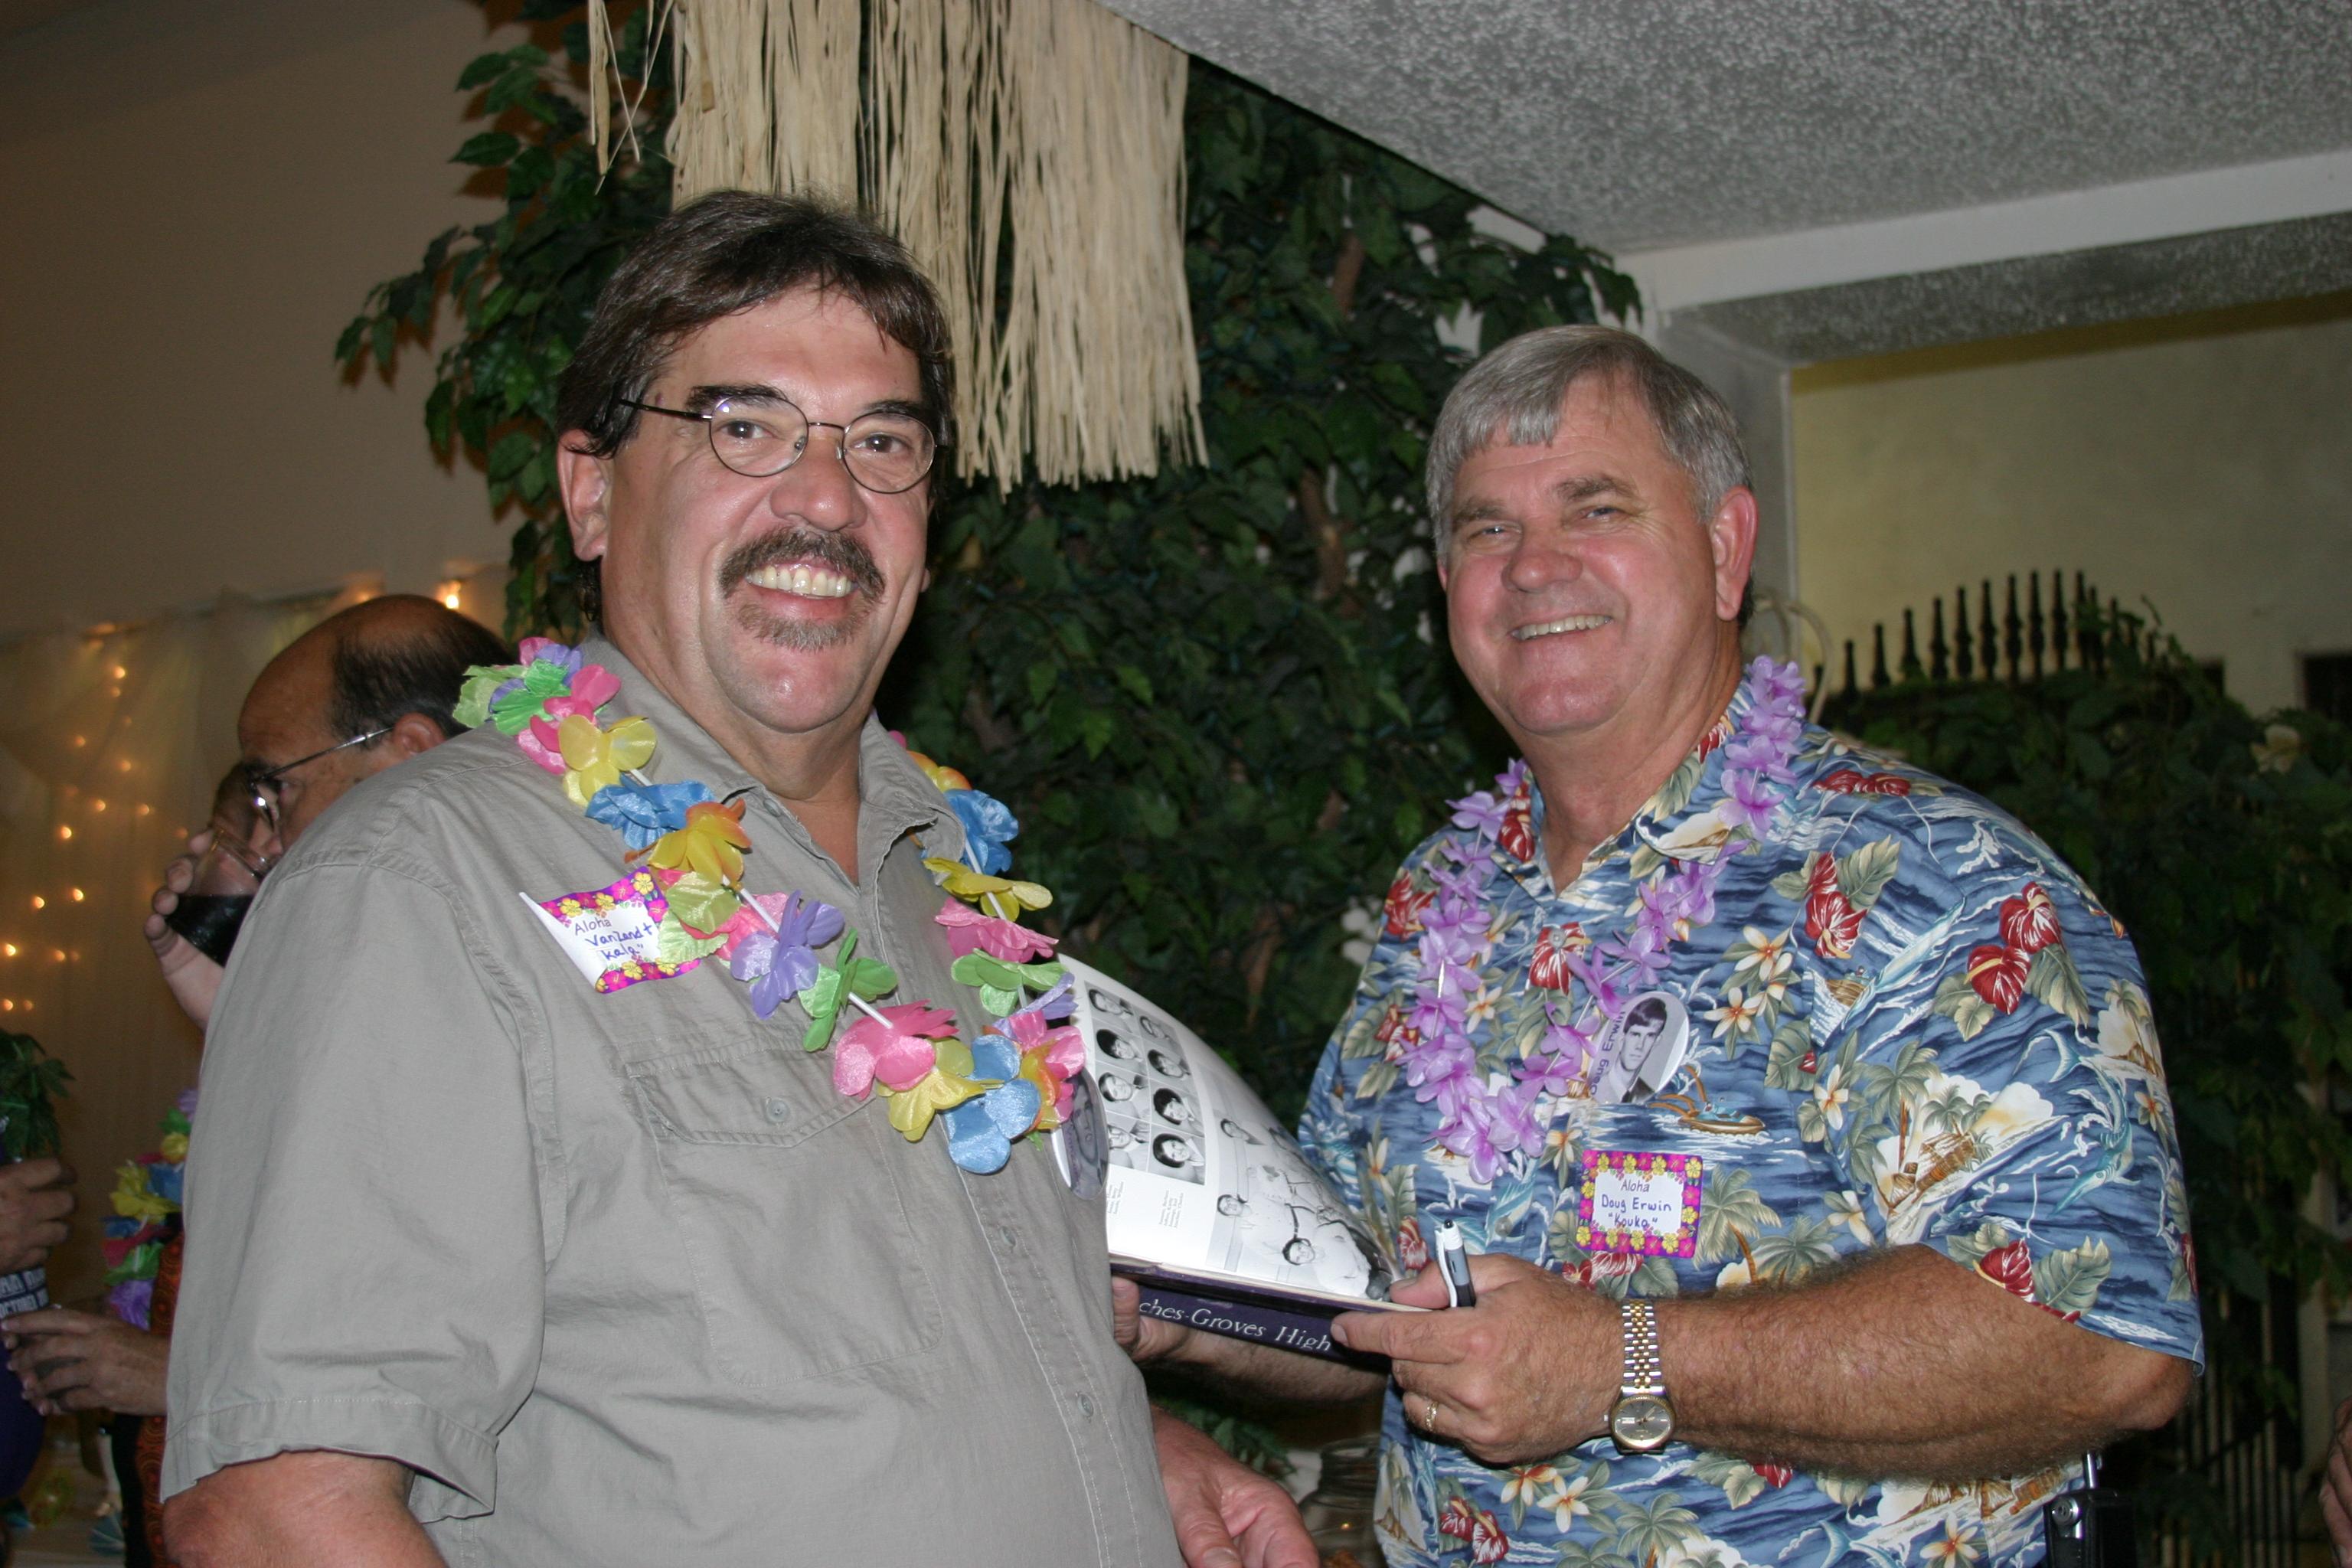 Mike VanZandt and Doug Erwin